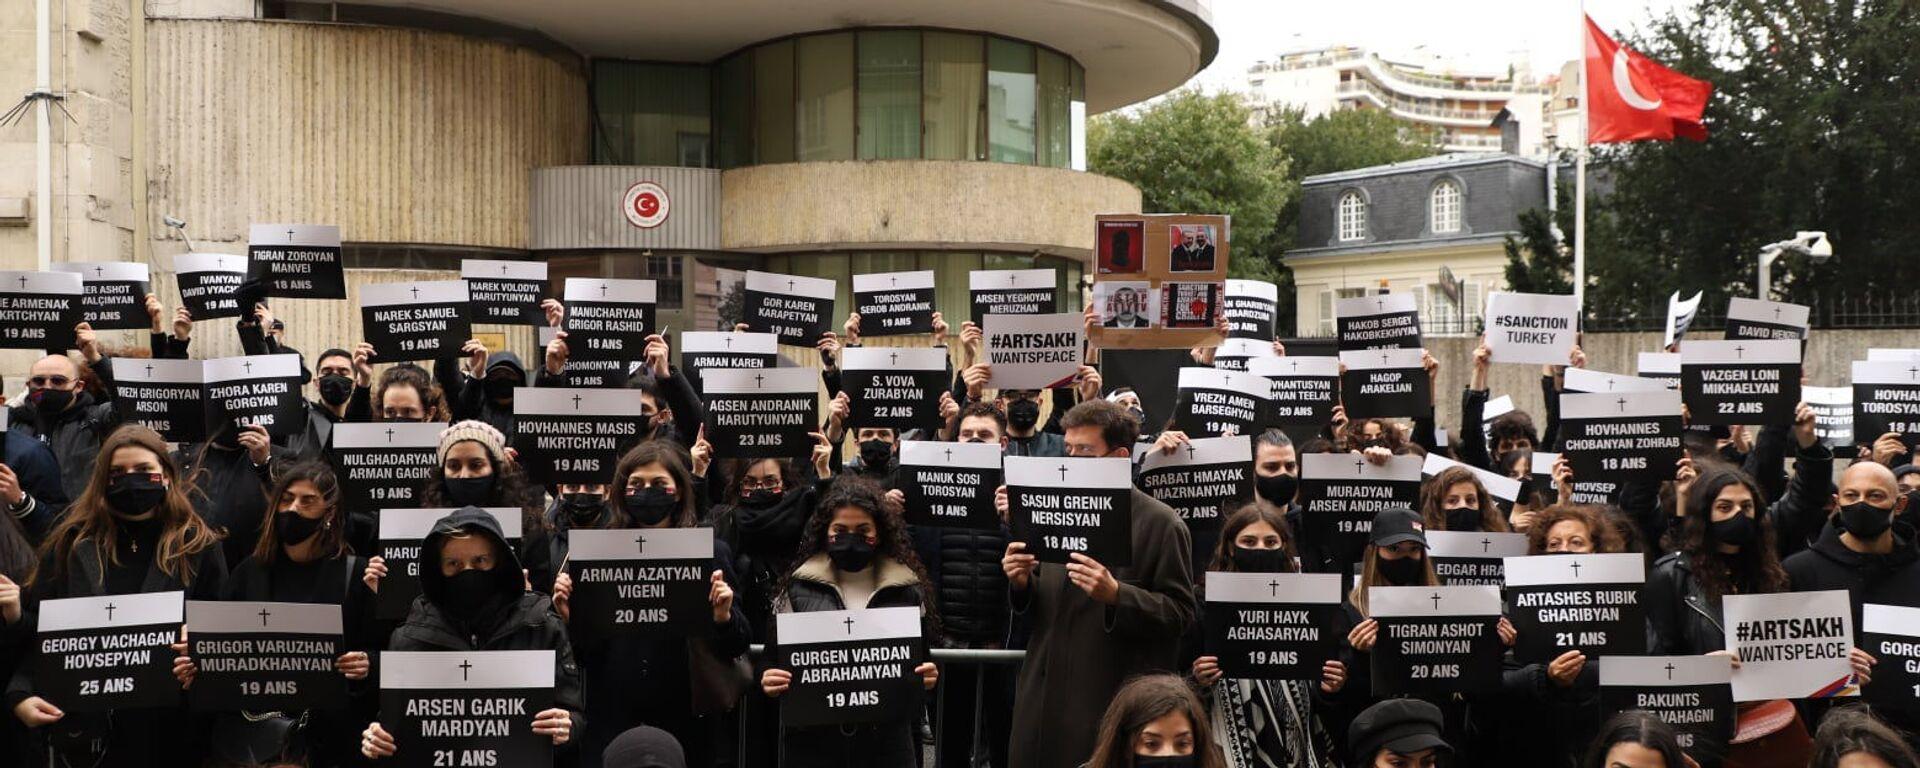 Армяне провели акцию протеста перед турецким посольством во Франции (25 октября 2020). Париж - Sputnik Армения, 1920, 25.10.2020